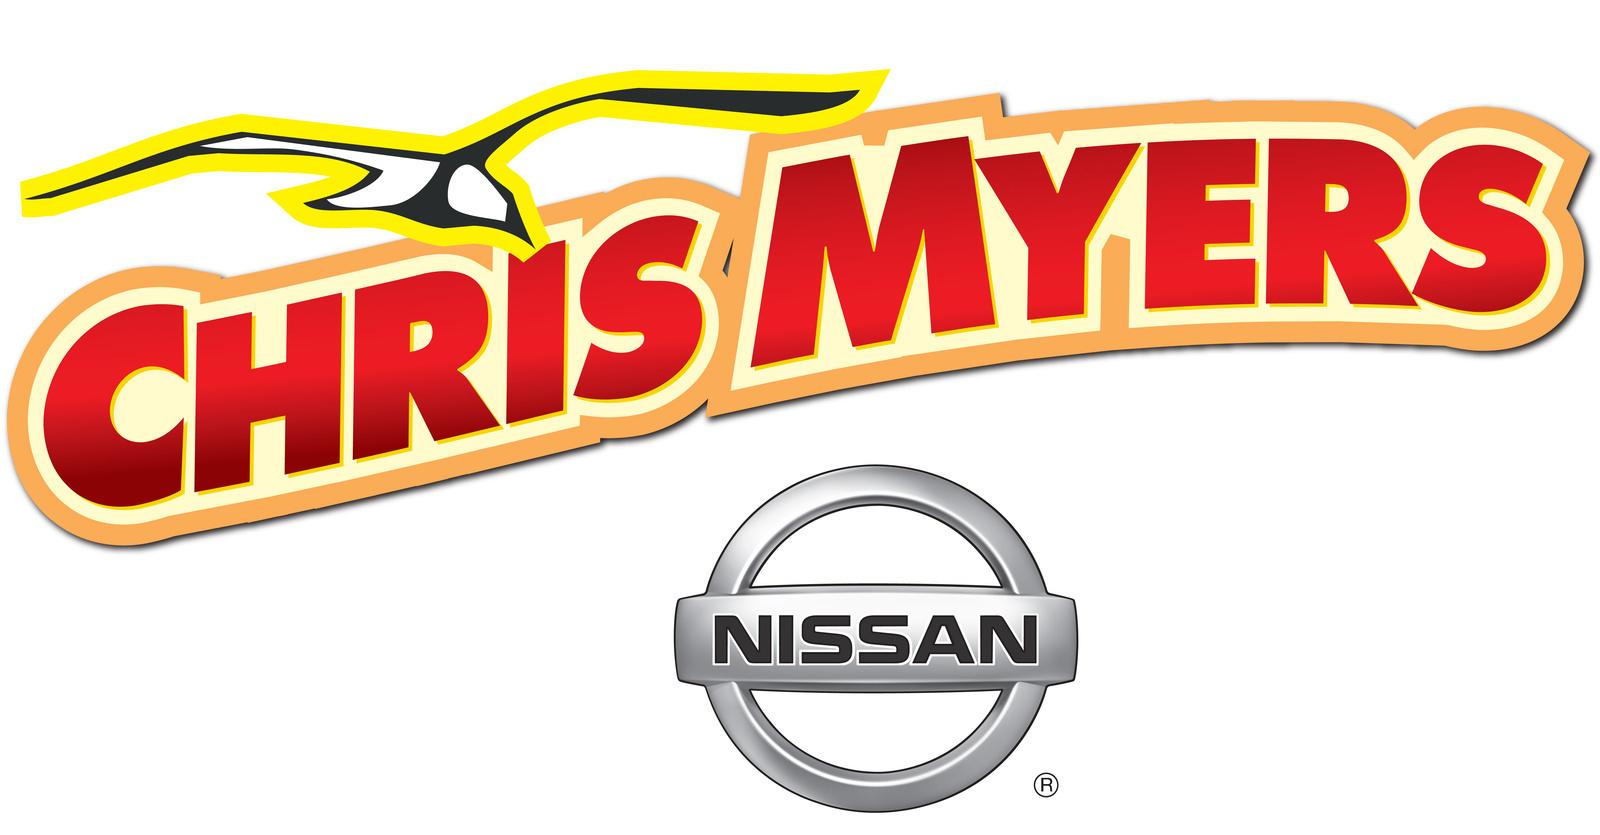 Chris Myers Nissan - Daphne, AL - Reviews & Deals - CarGurus